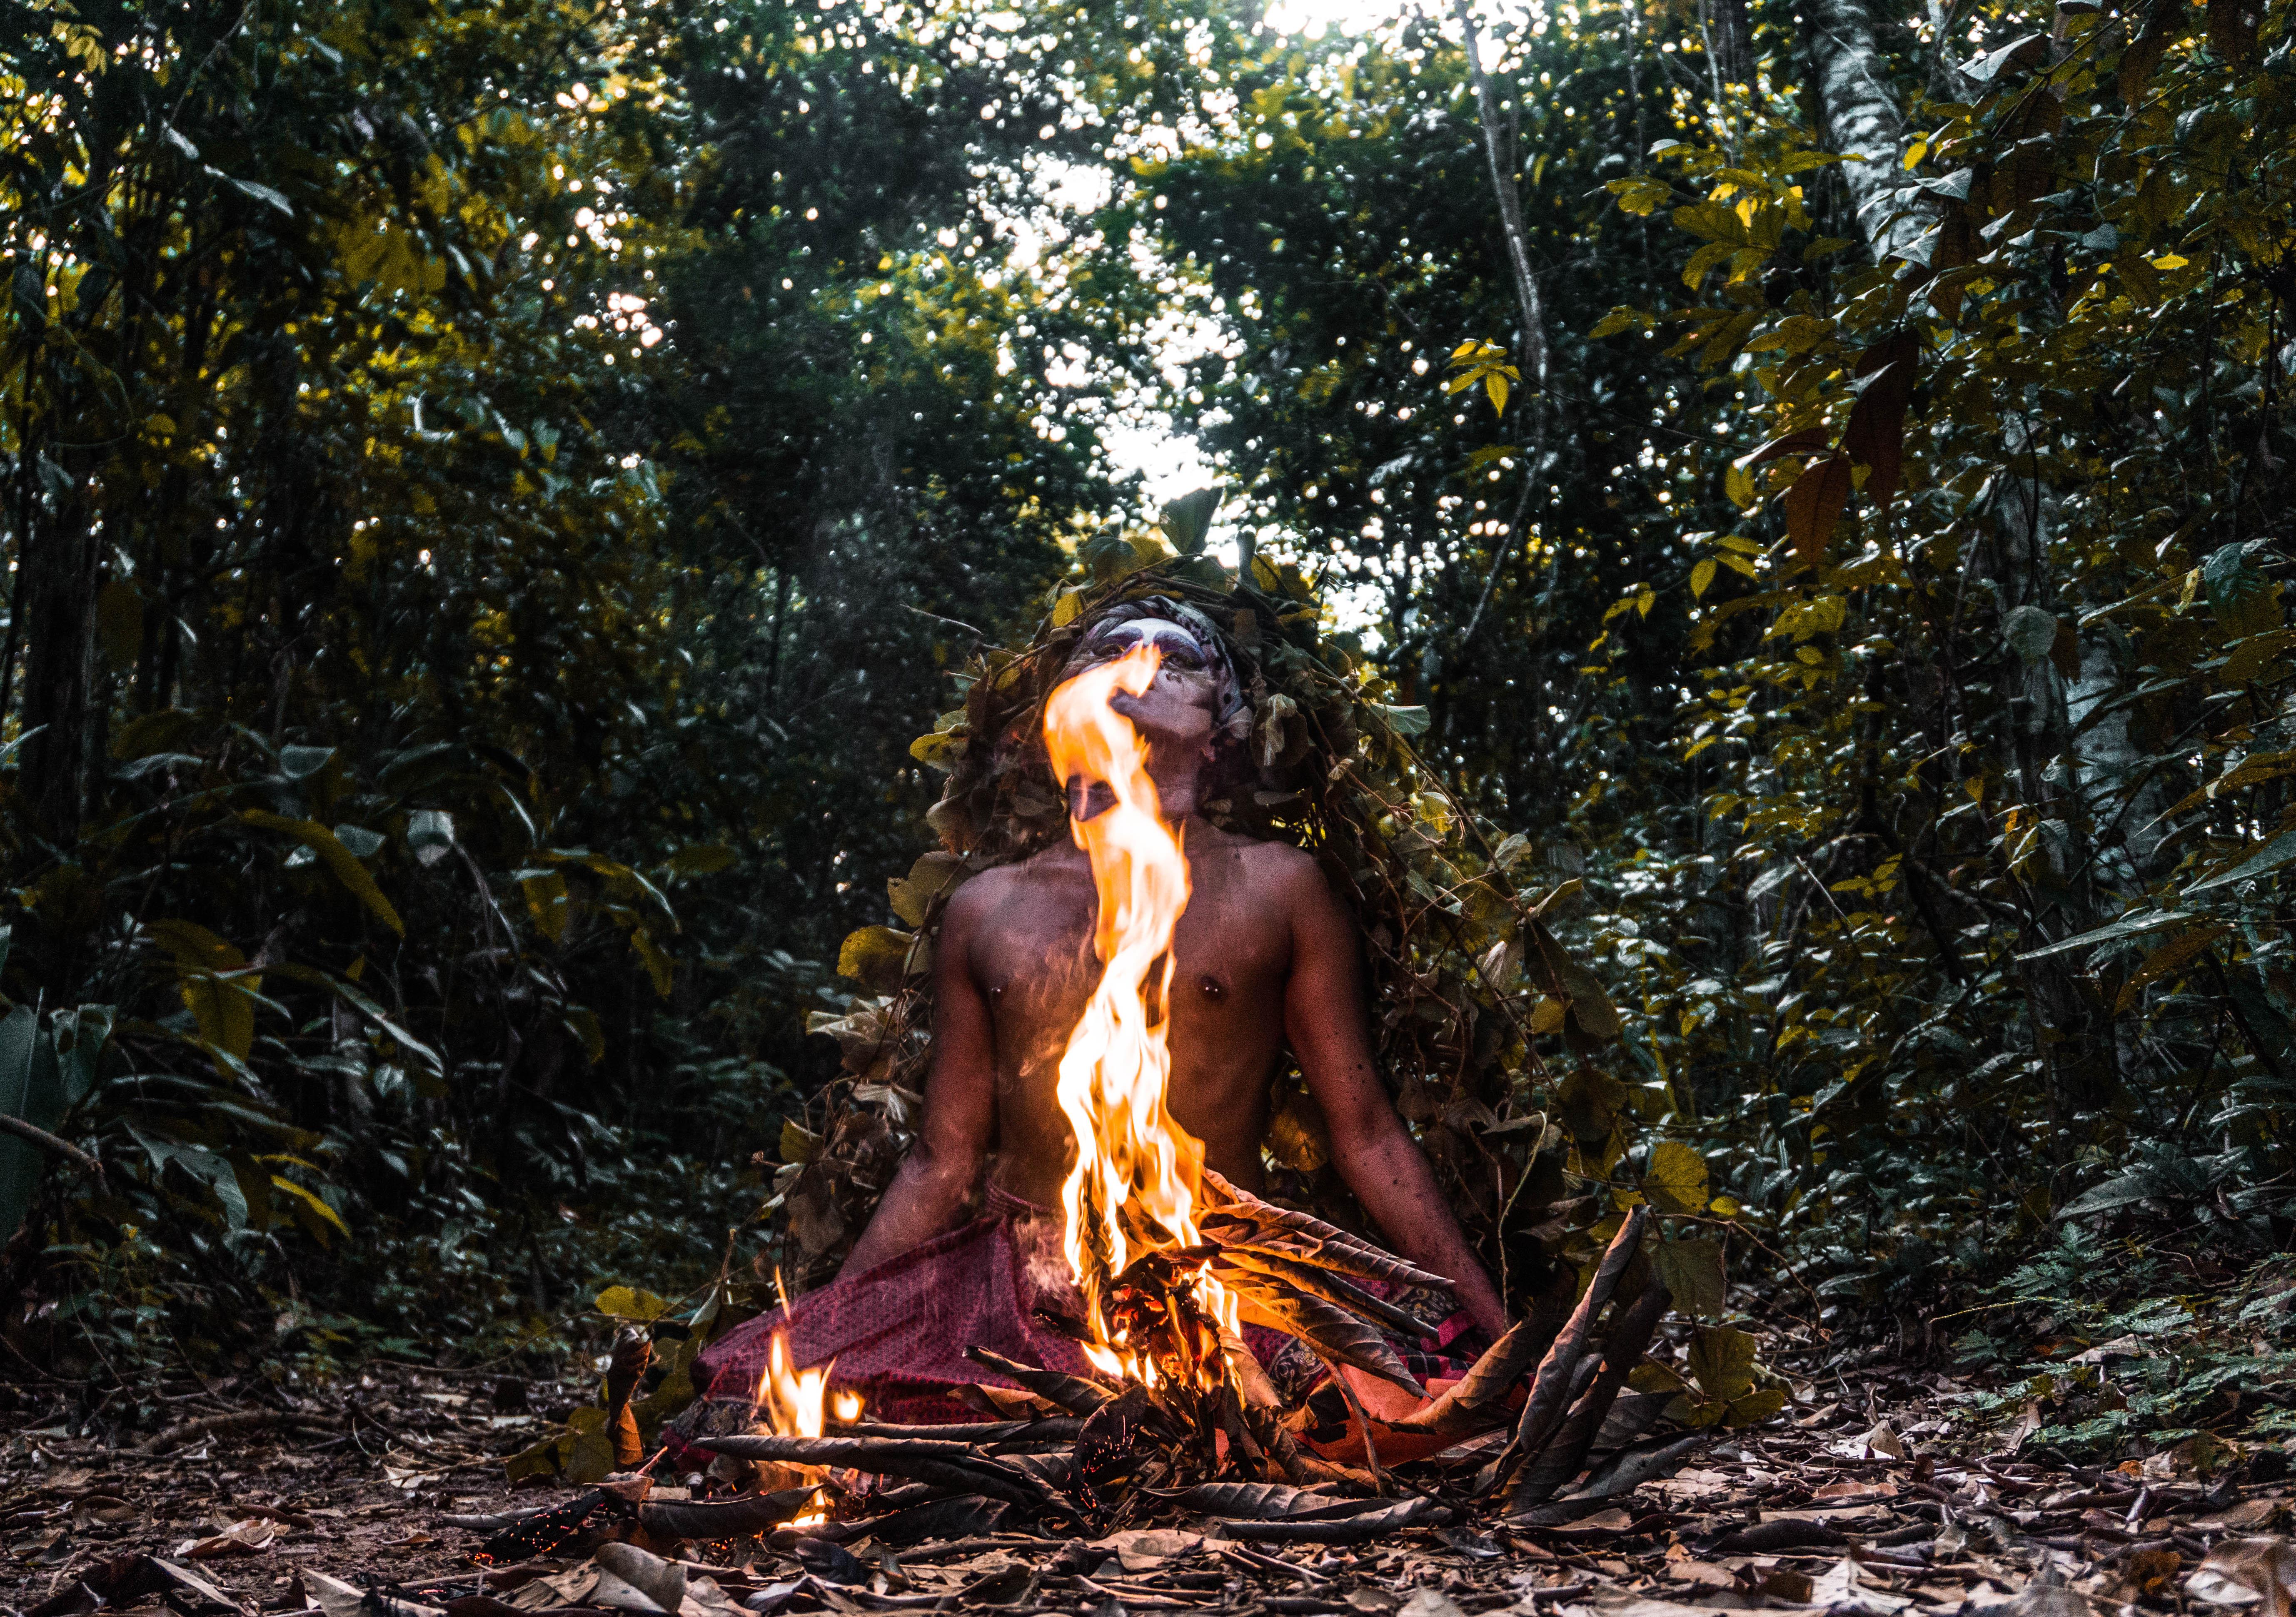 Uýra, <i>Elementar</i> (A ultima floresta - Fogo). Foto: Matheus Belém. Cortesia do artista